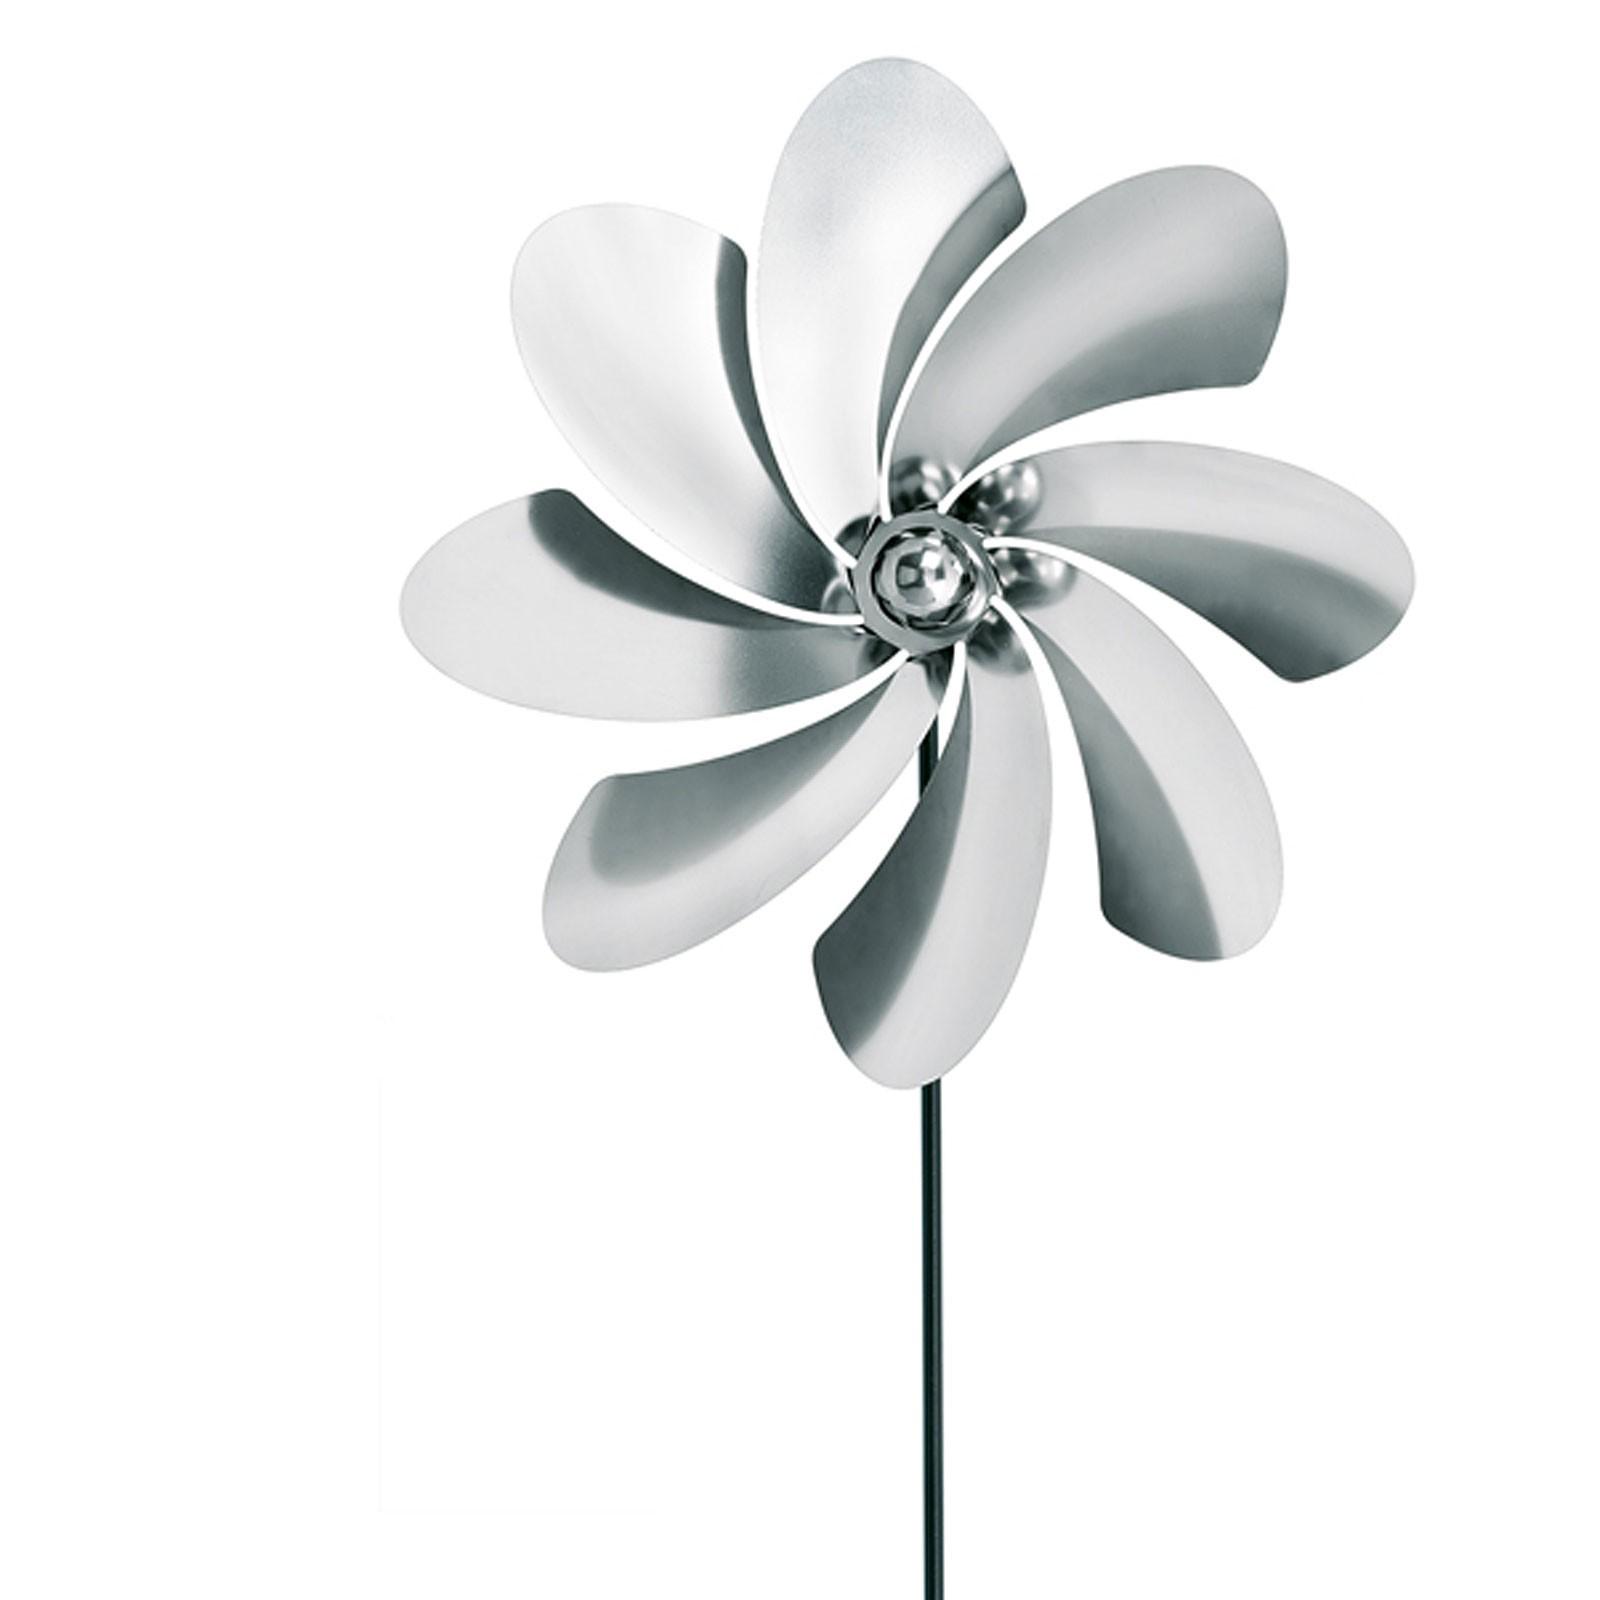 Windrad Edelstahl matt Ø 30 cm blomus VIENTO